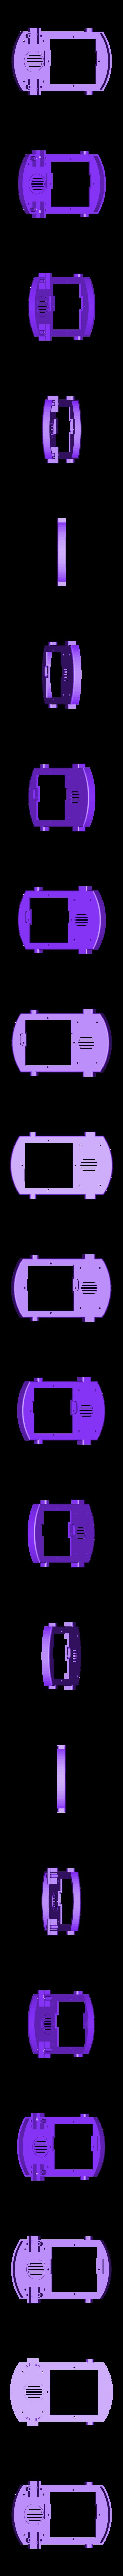 Tread_Housing_v4.3.stl Télécharger fichier STL gratuit Meshbot 1 • Modèle à imprimer en 3D, JamieLaing